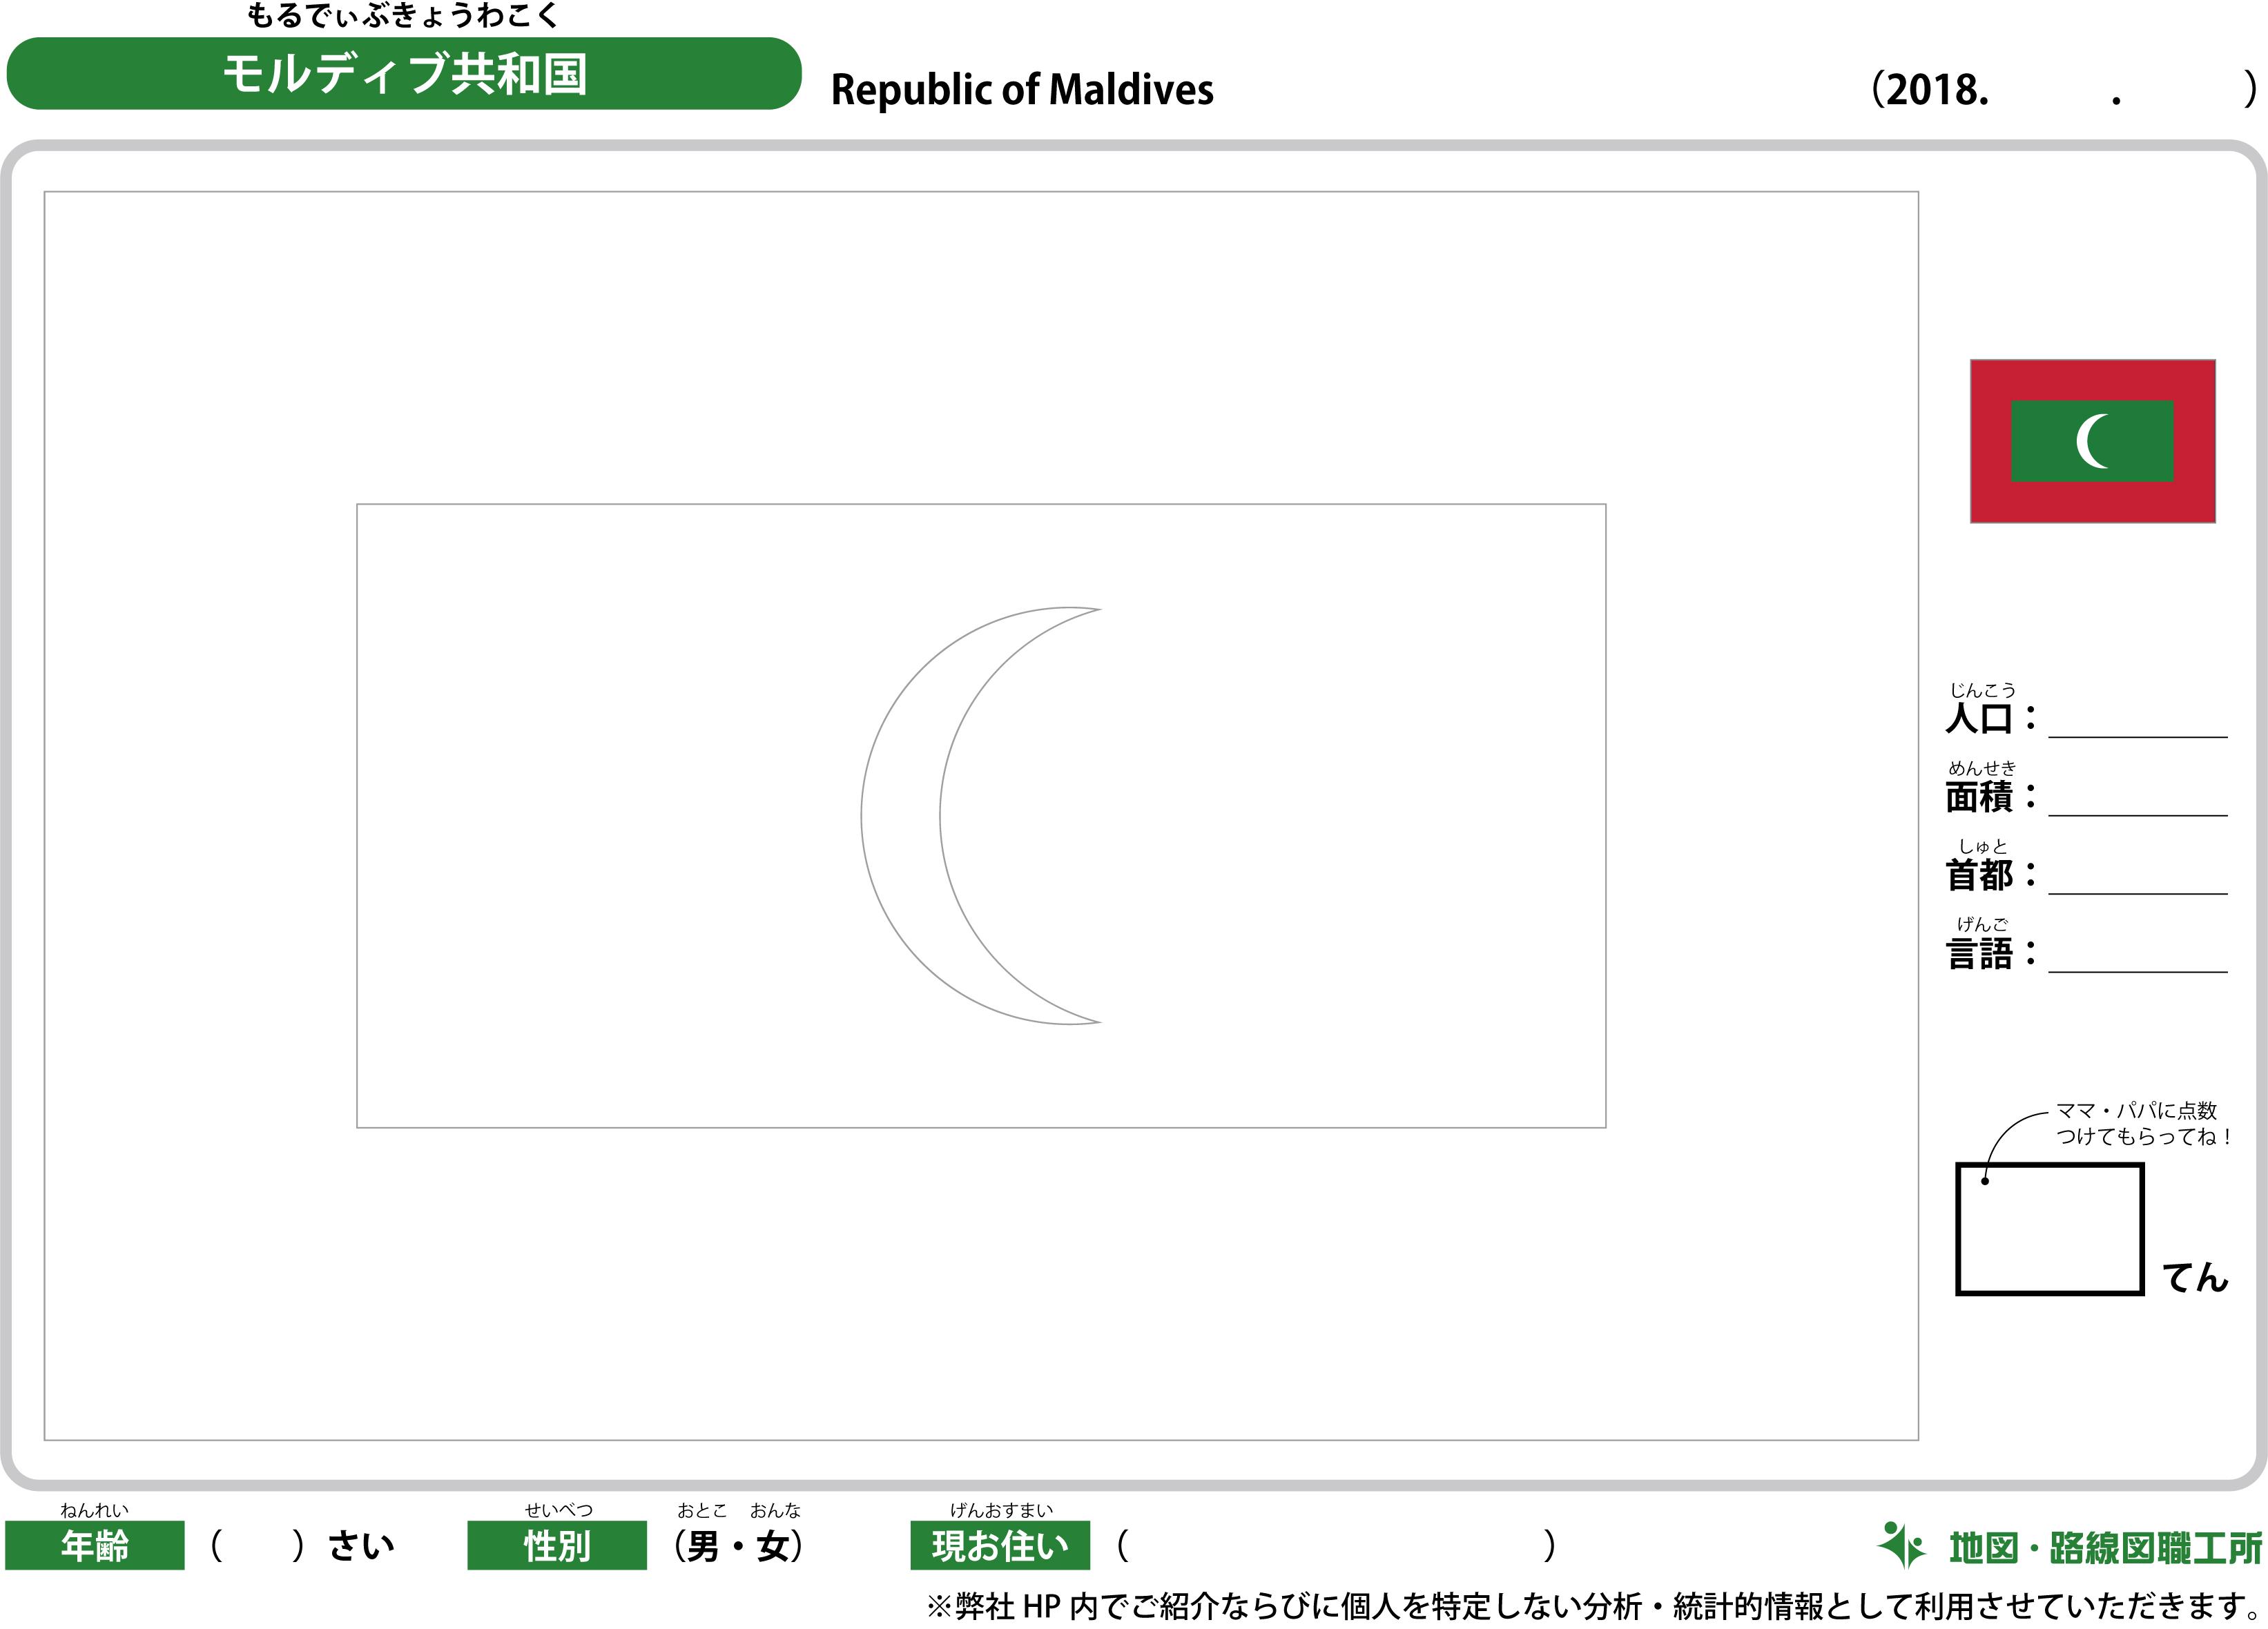 モルディブ共和国